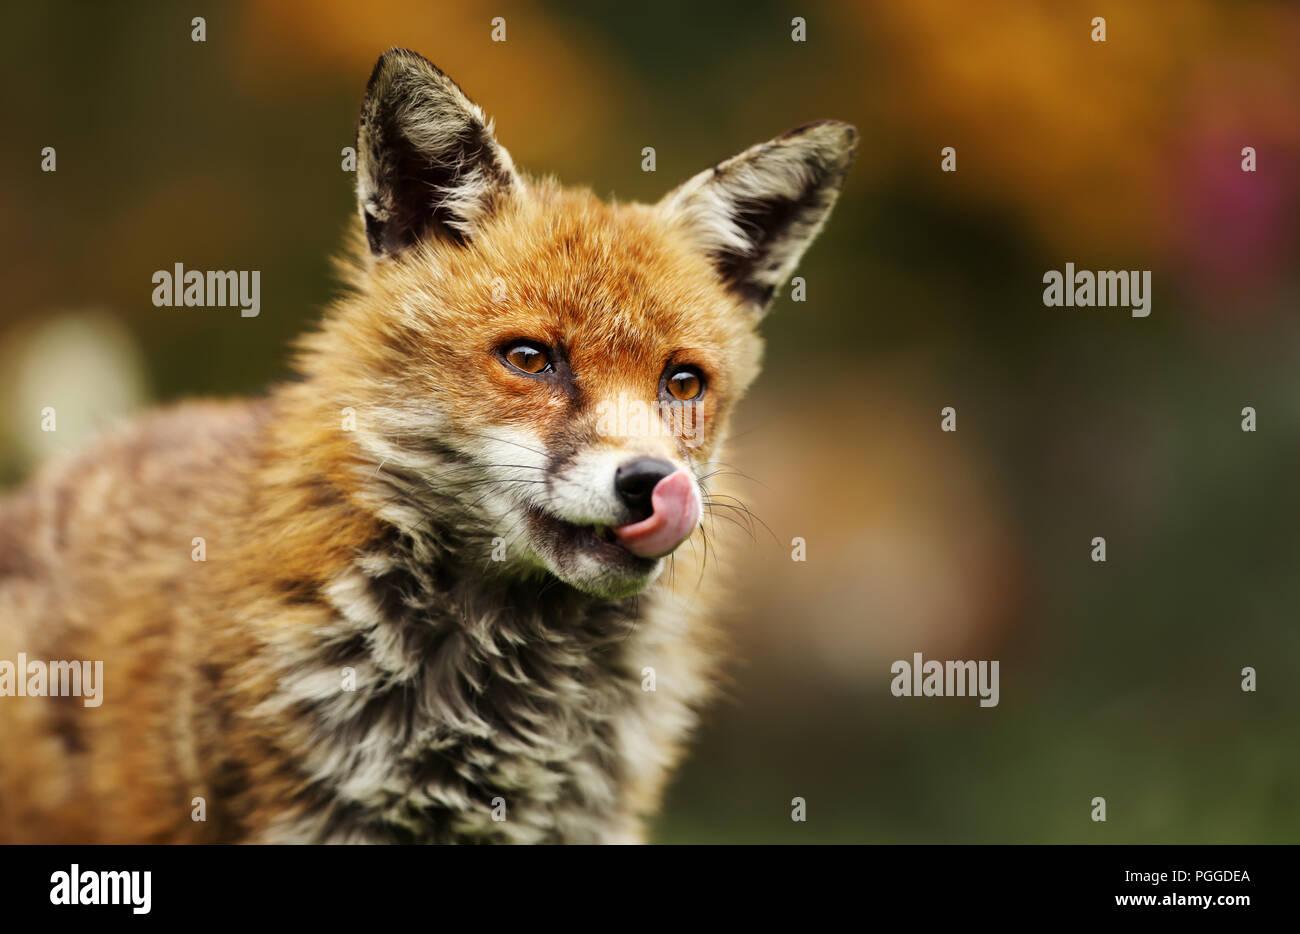 Close-up di una volpe rossa con la sua linguetta sporgente durante una visita nel giardino, UK. Immagini Stock